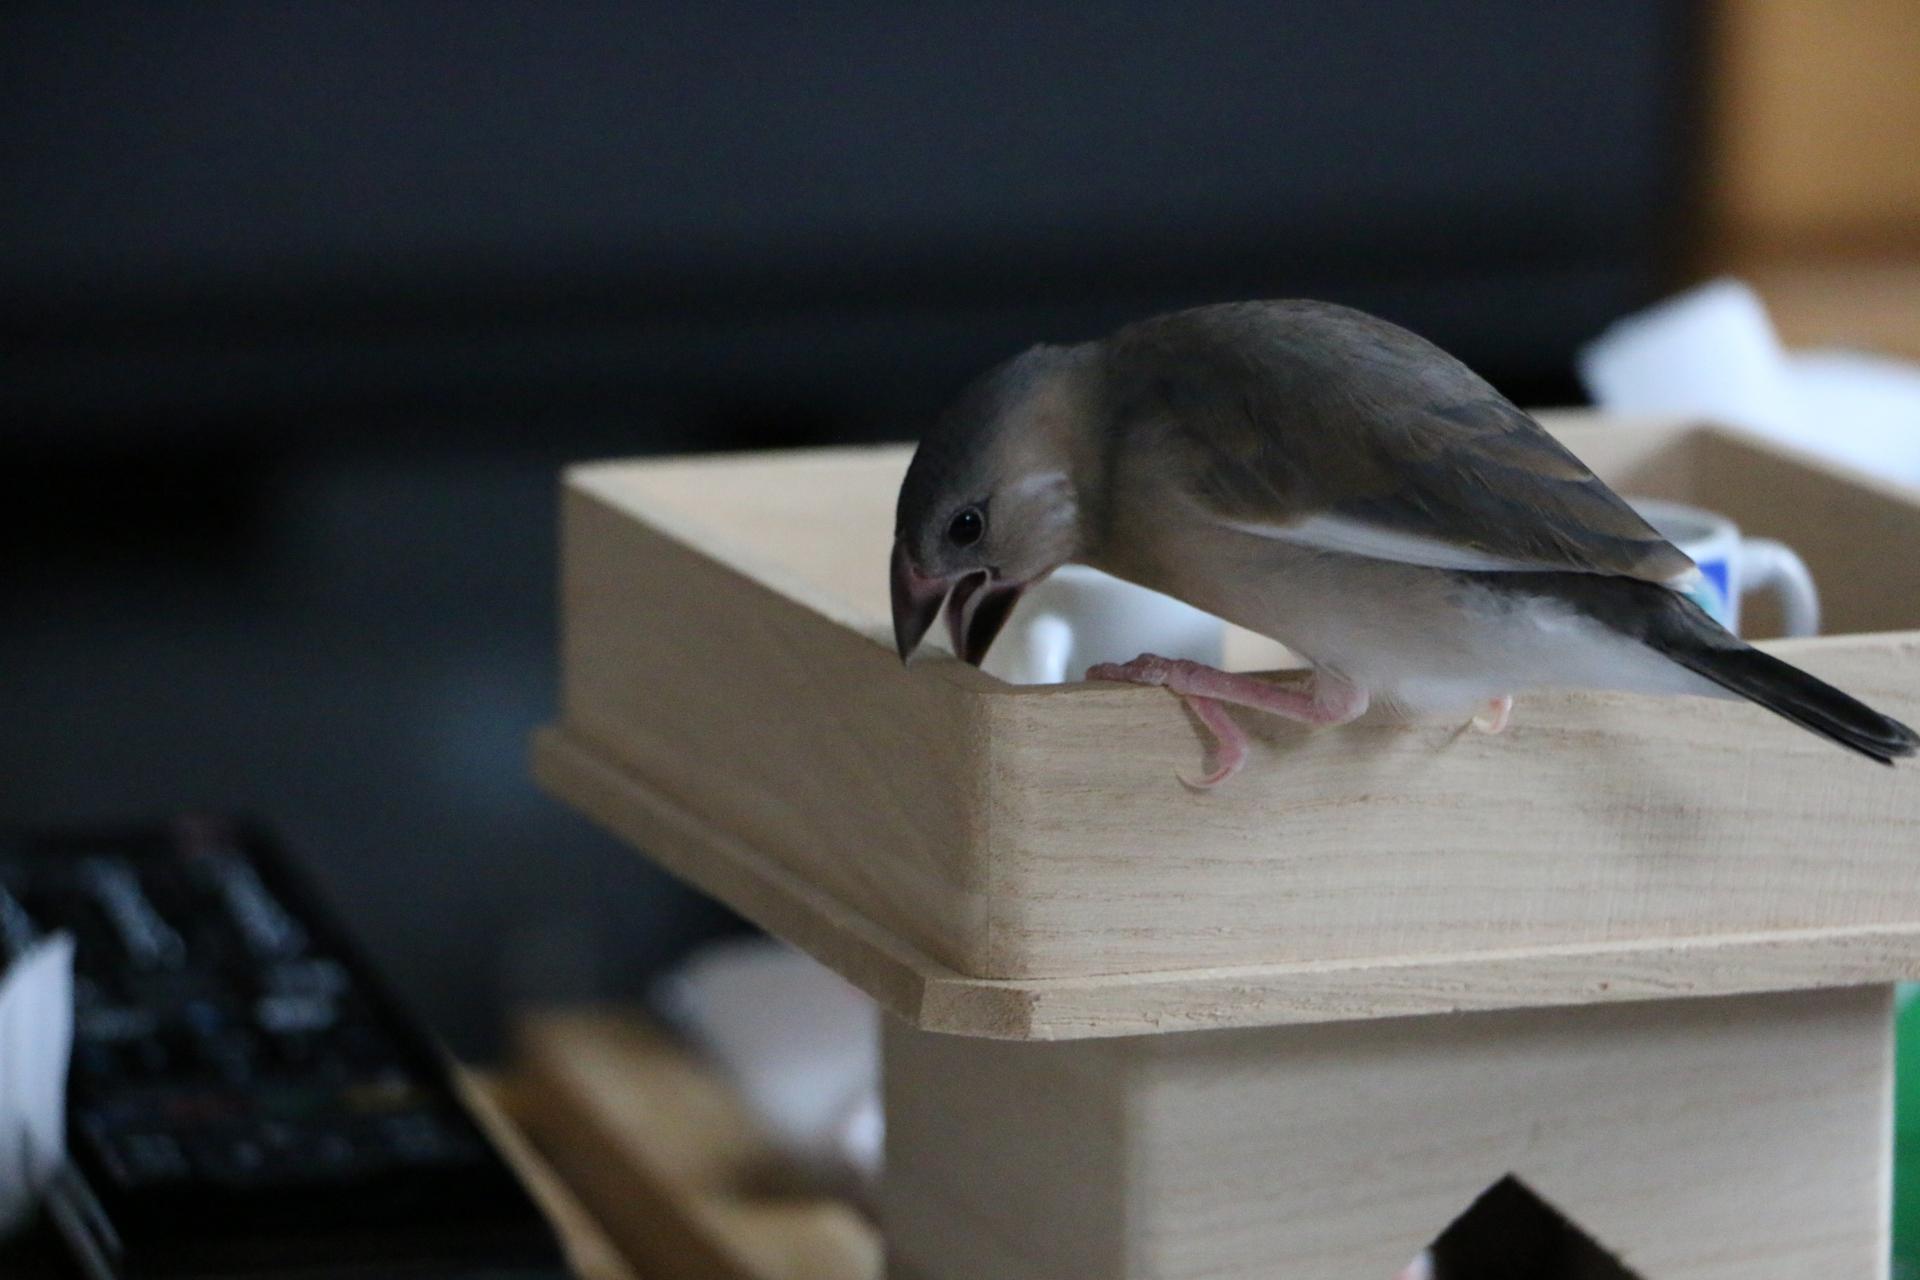 文鳥のくちばしが伸びるのはナゼ?原因と対処方法について